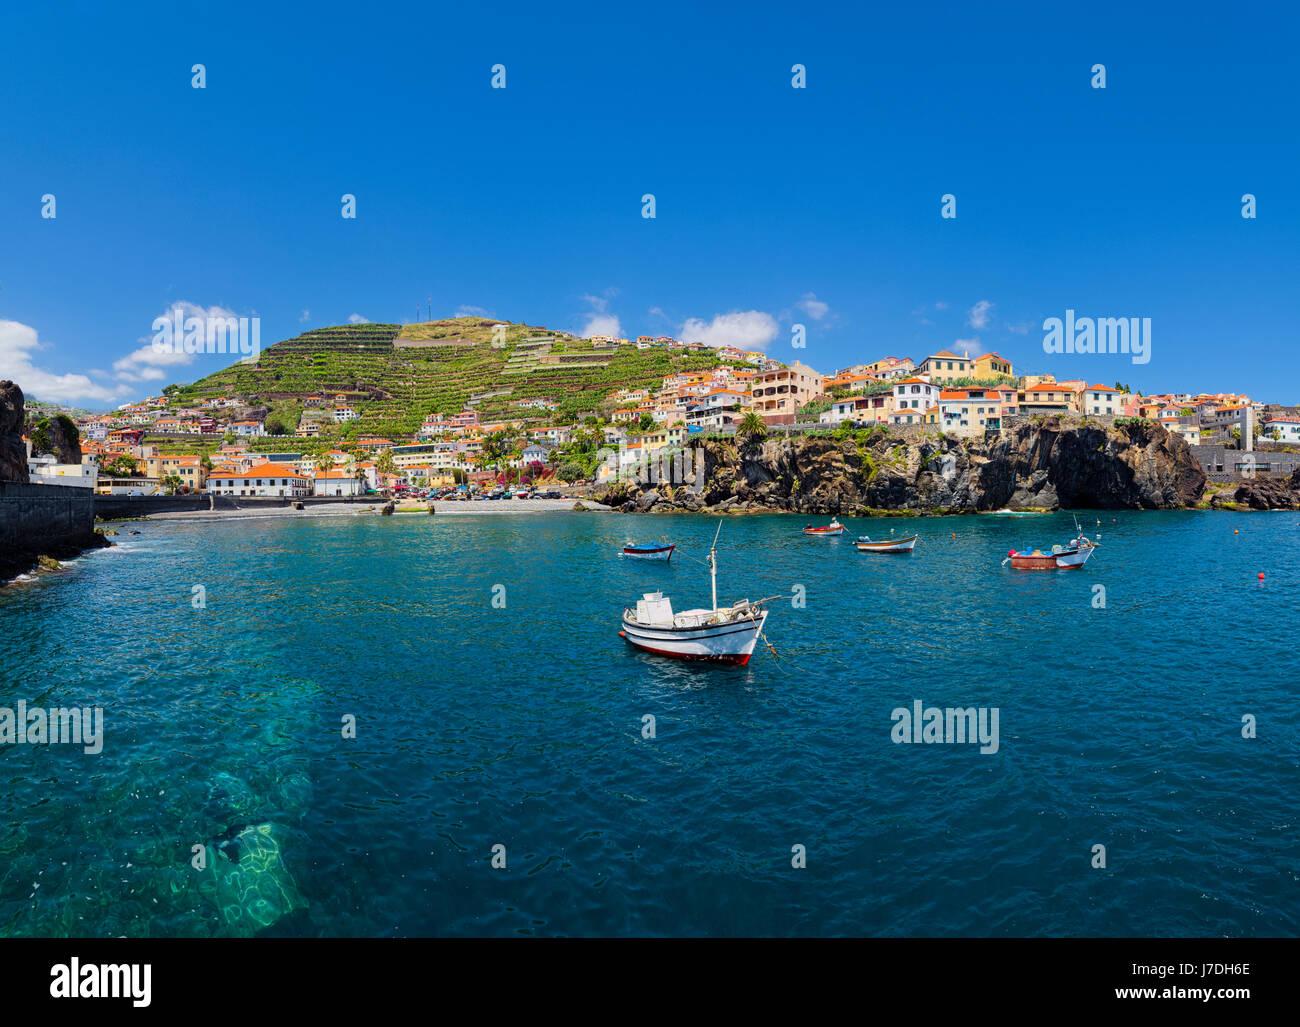 Camara de Lobos - un village de pêche pittoresque sur la côte centre-sud de l'île de Madère. Photo Stock